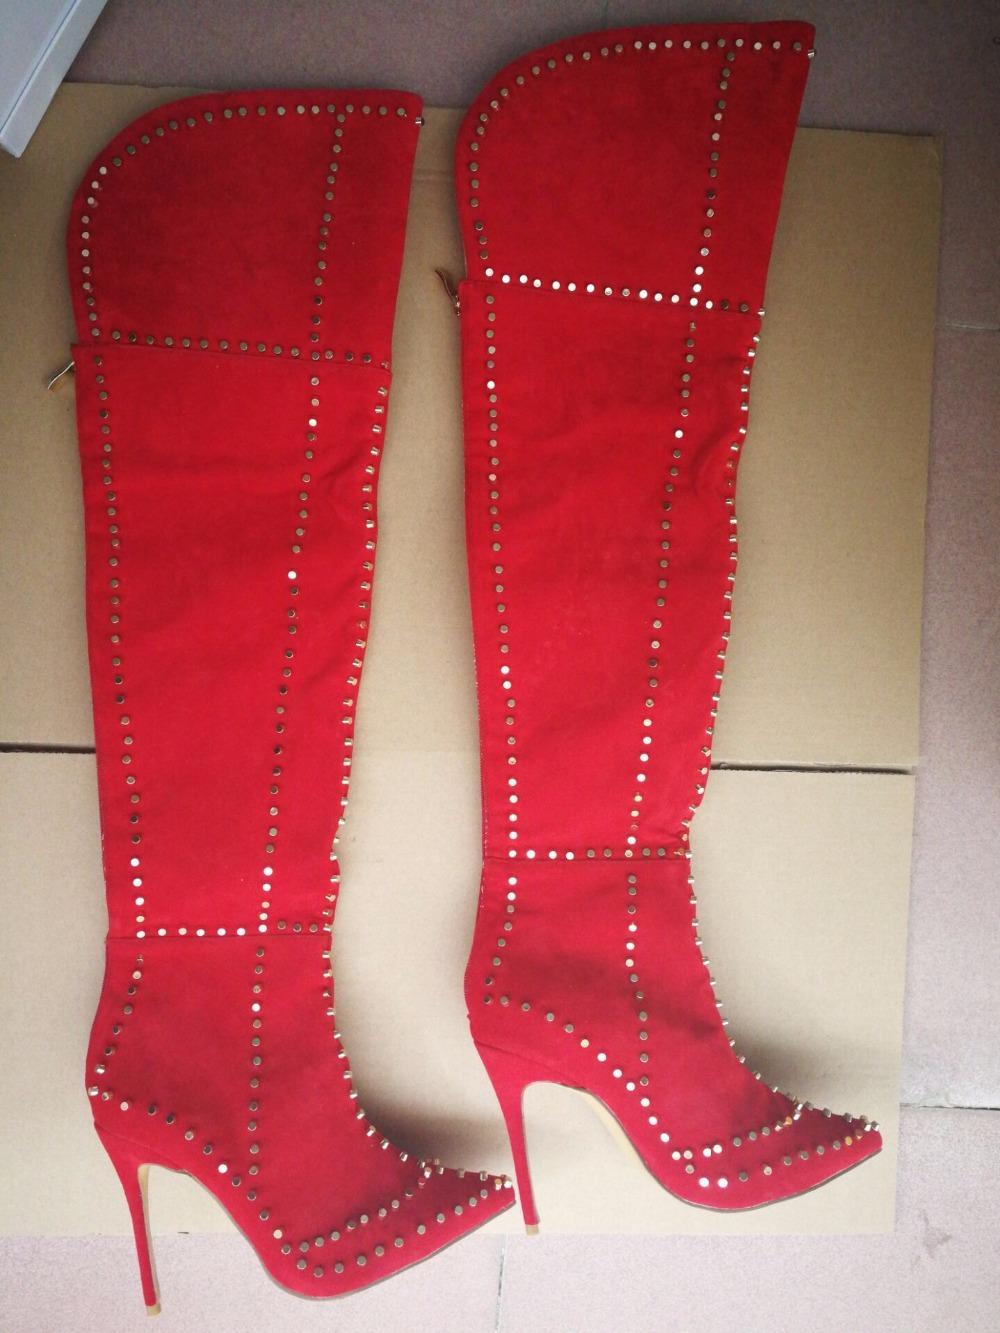 Sexy High Heels Winterschuhe Schwarz Burgund Spitz Frauen Stiletto Overknee Stiefel Metallic Nieten Beschlagene Oberschenkel Hohe Stiefel Zapatos